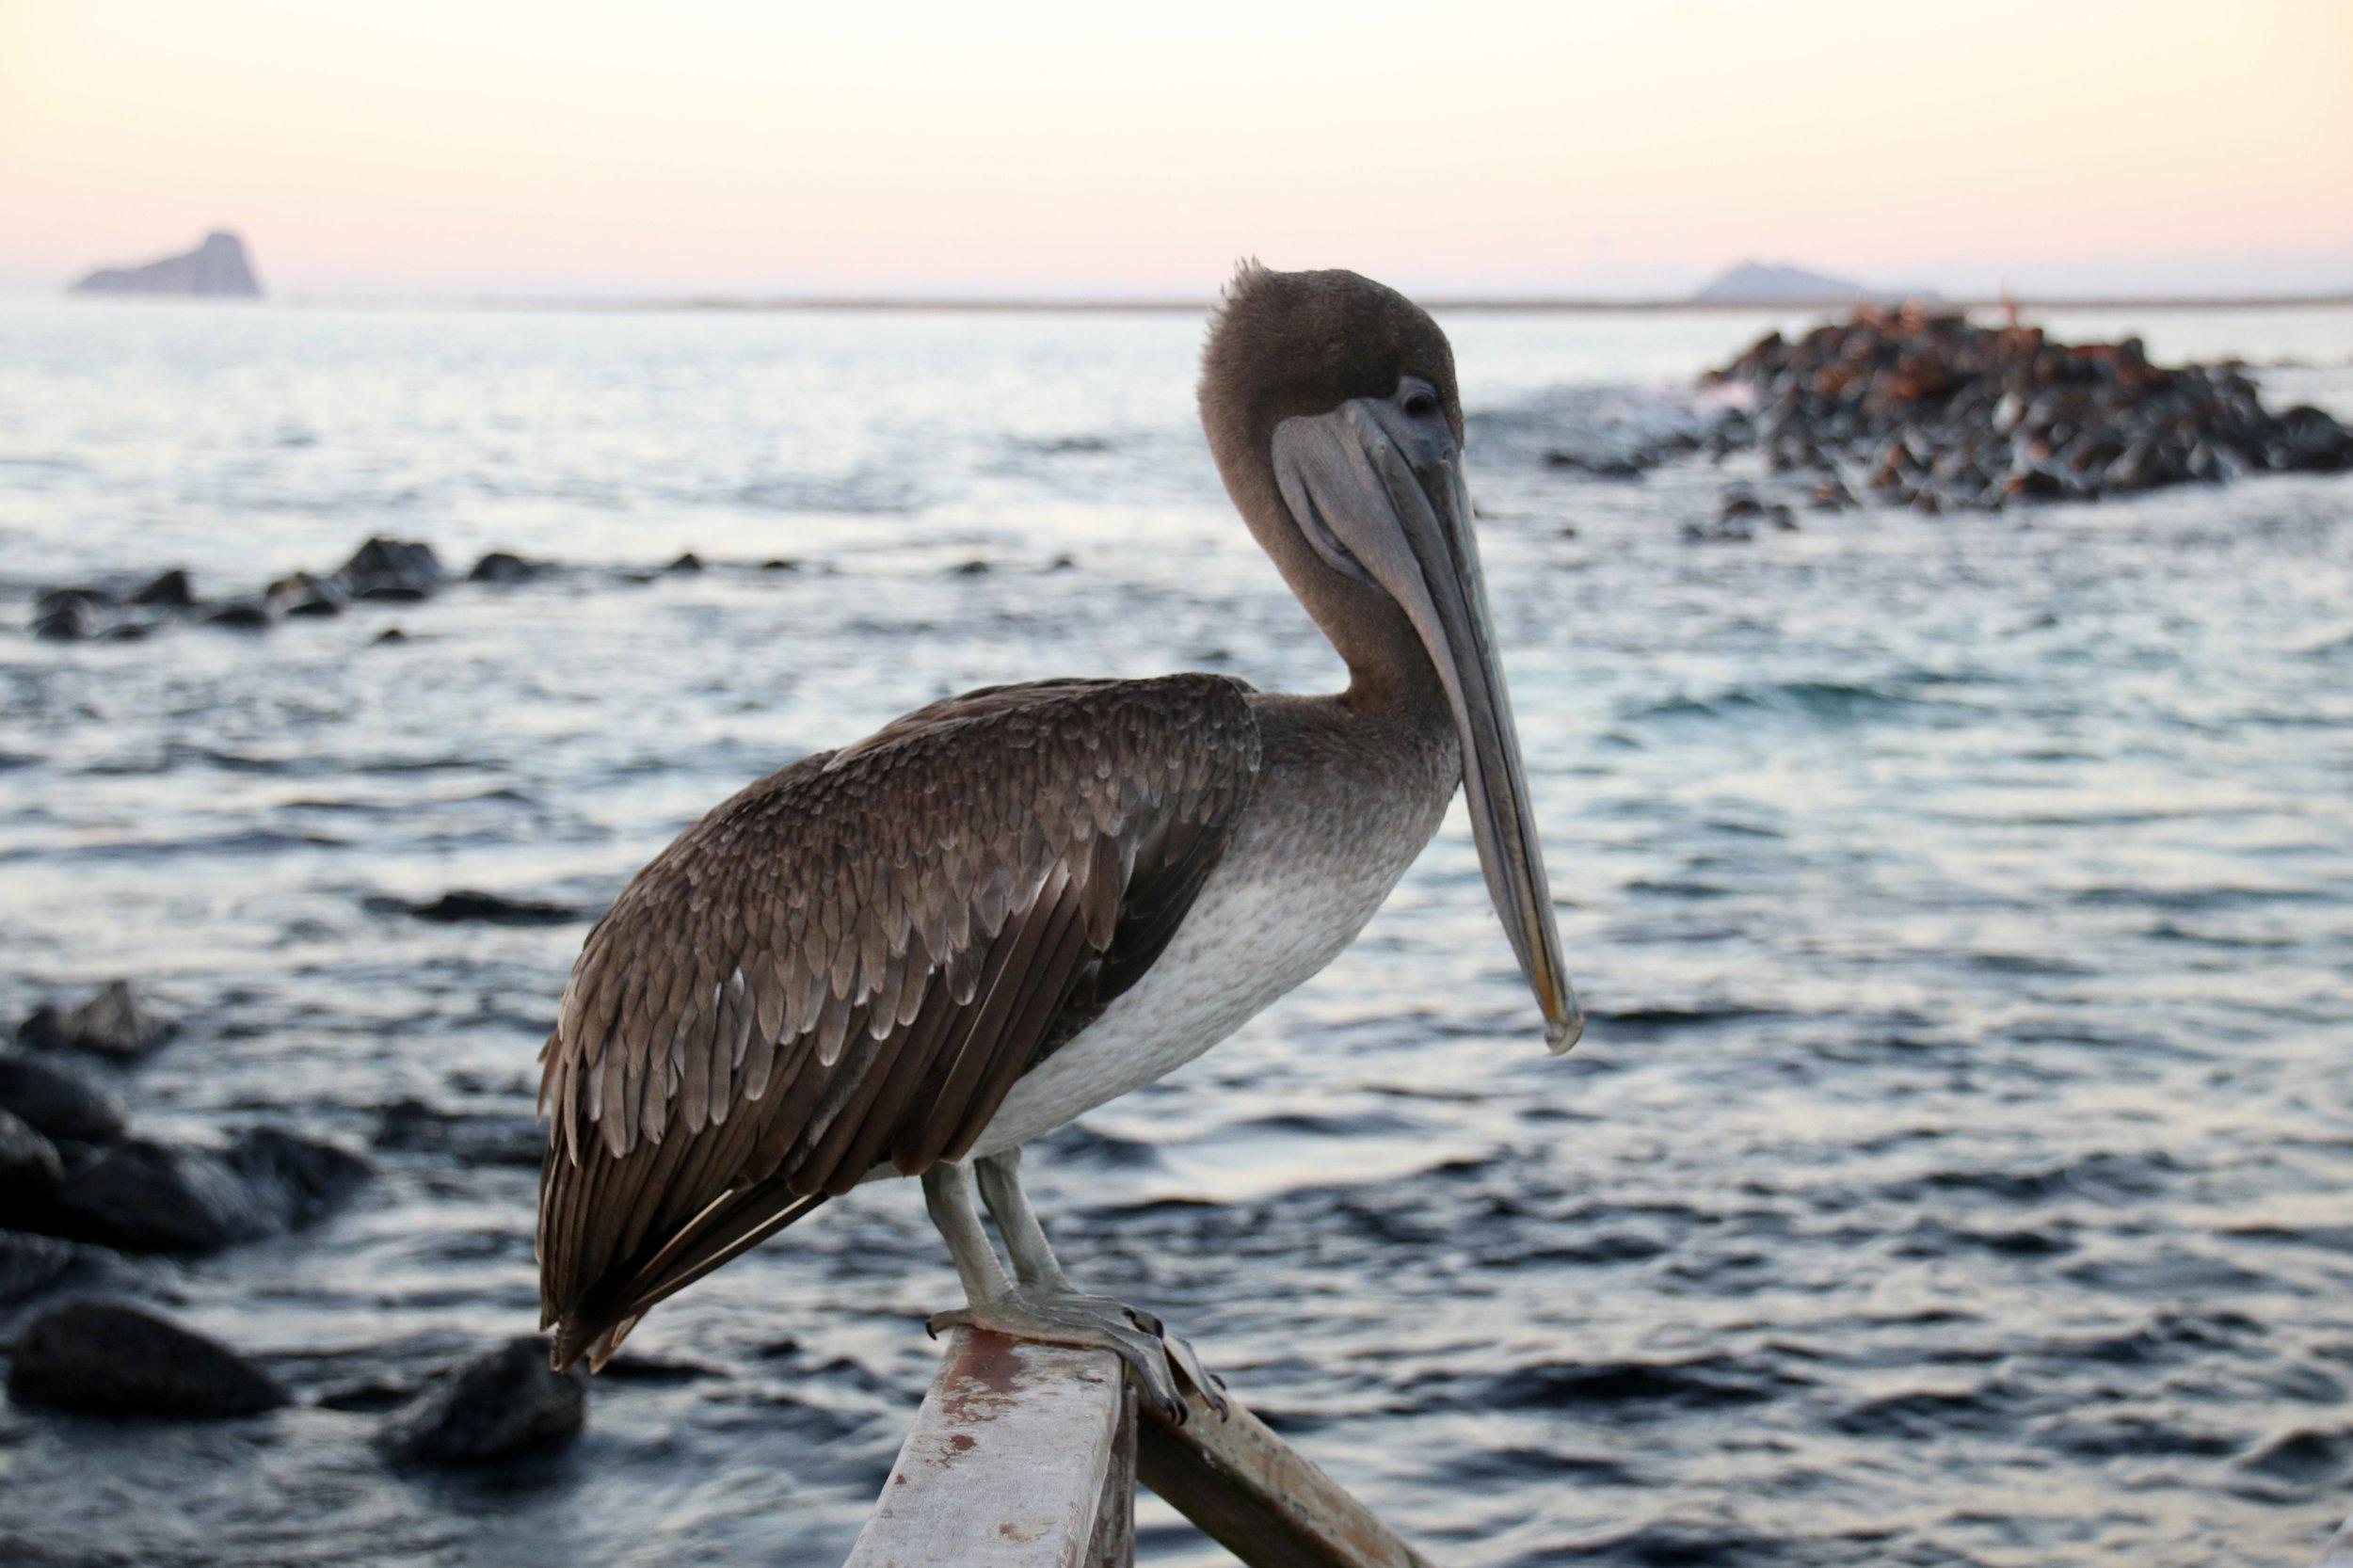 Pelican, Galapagos Islands, @acrosslandsea